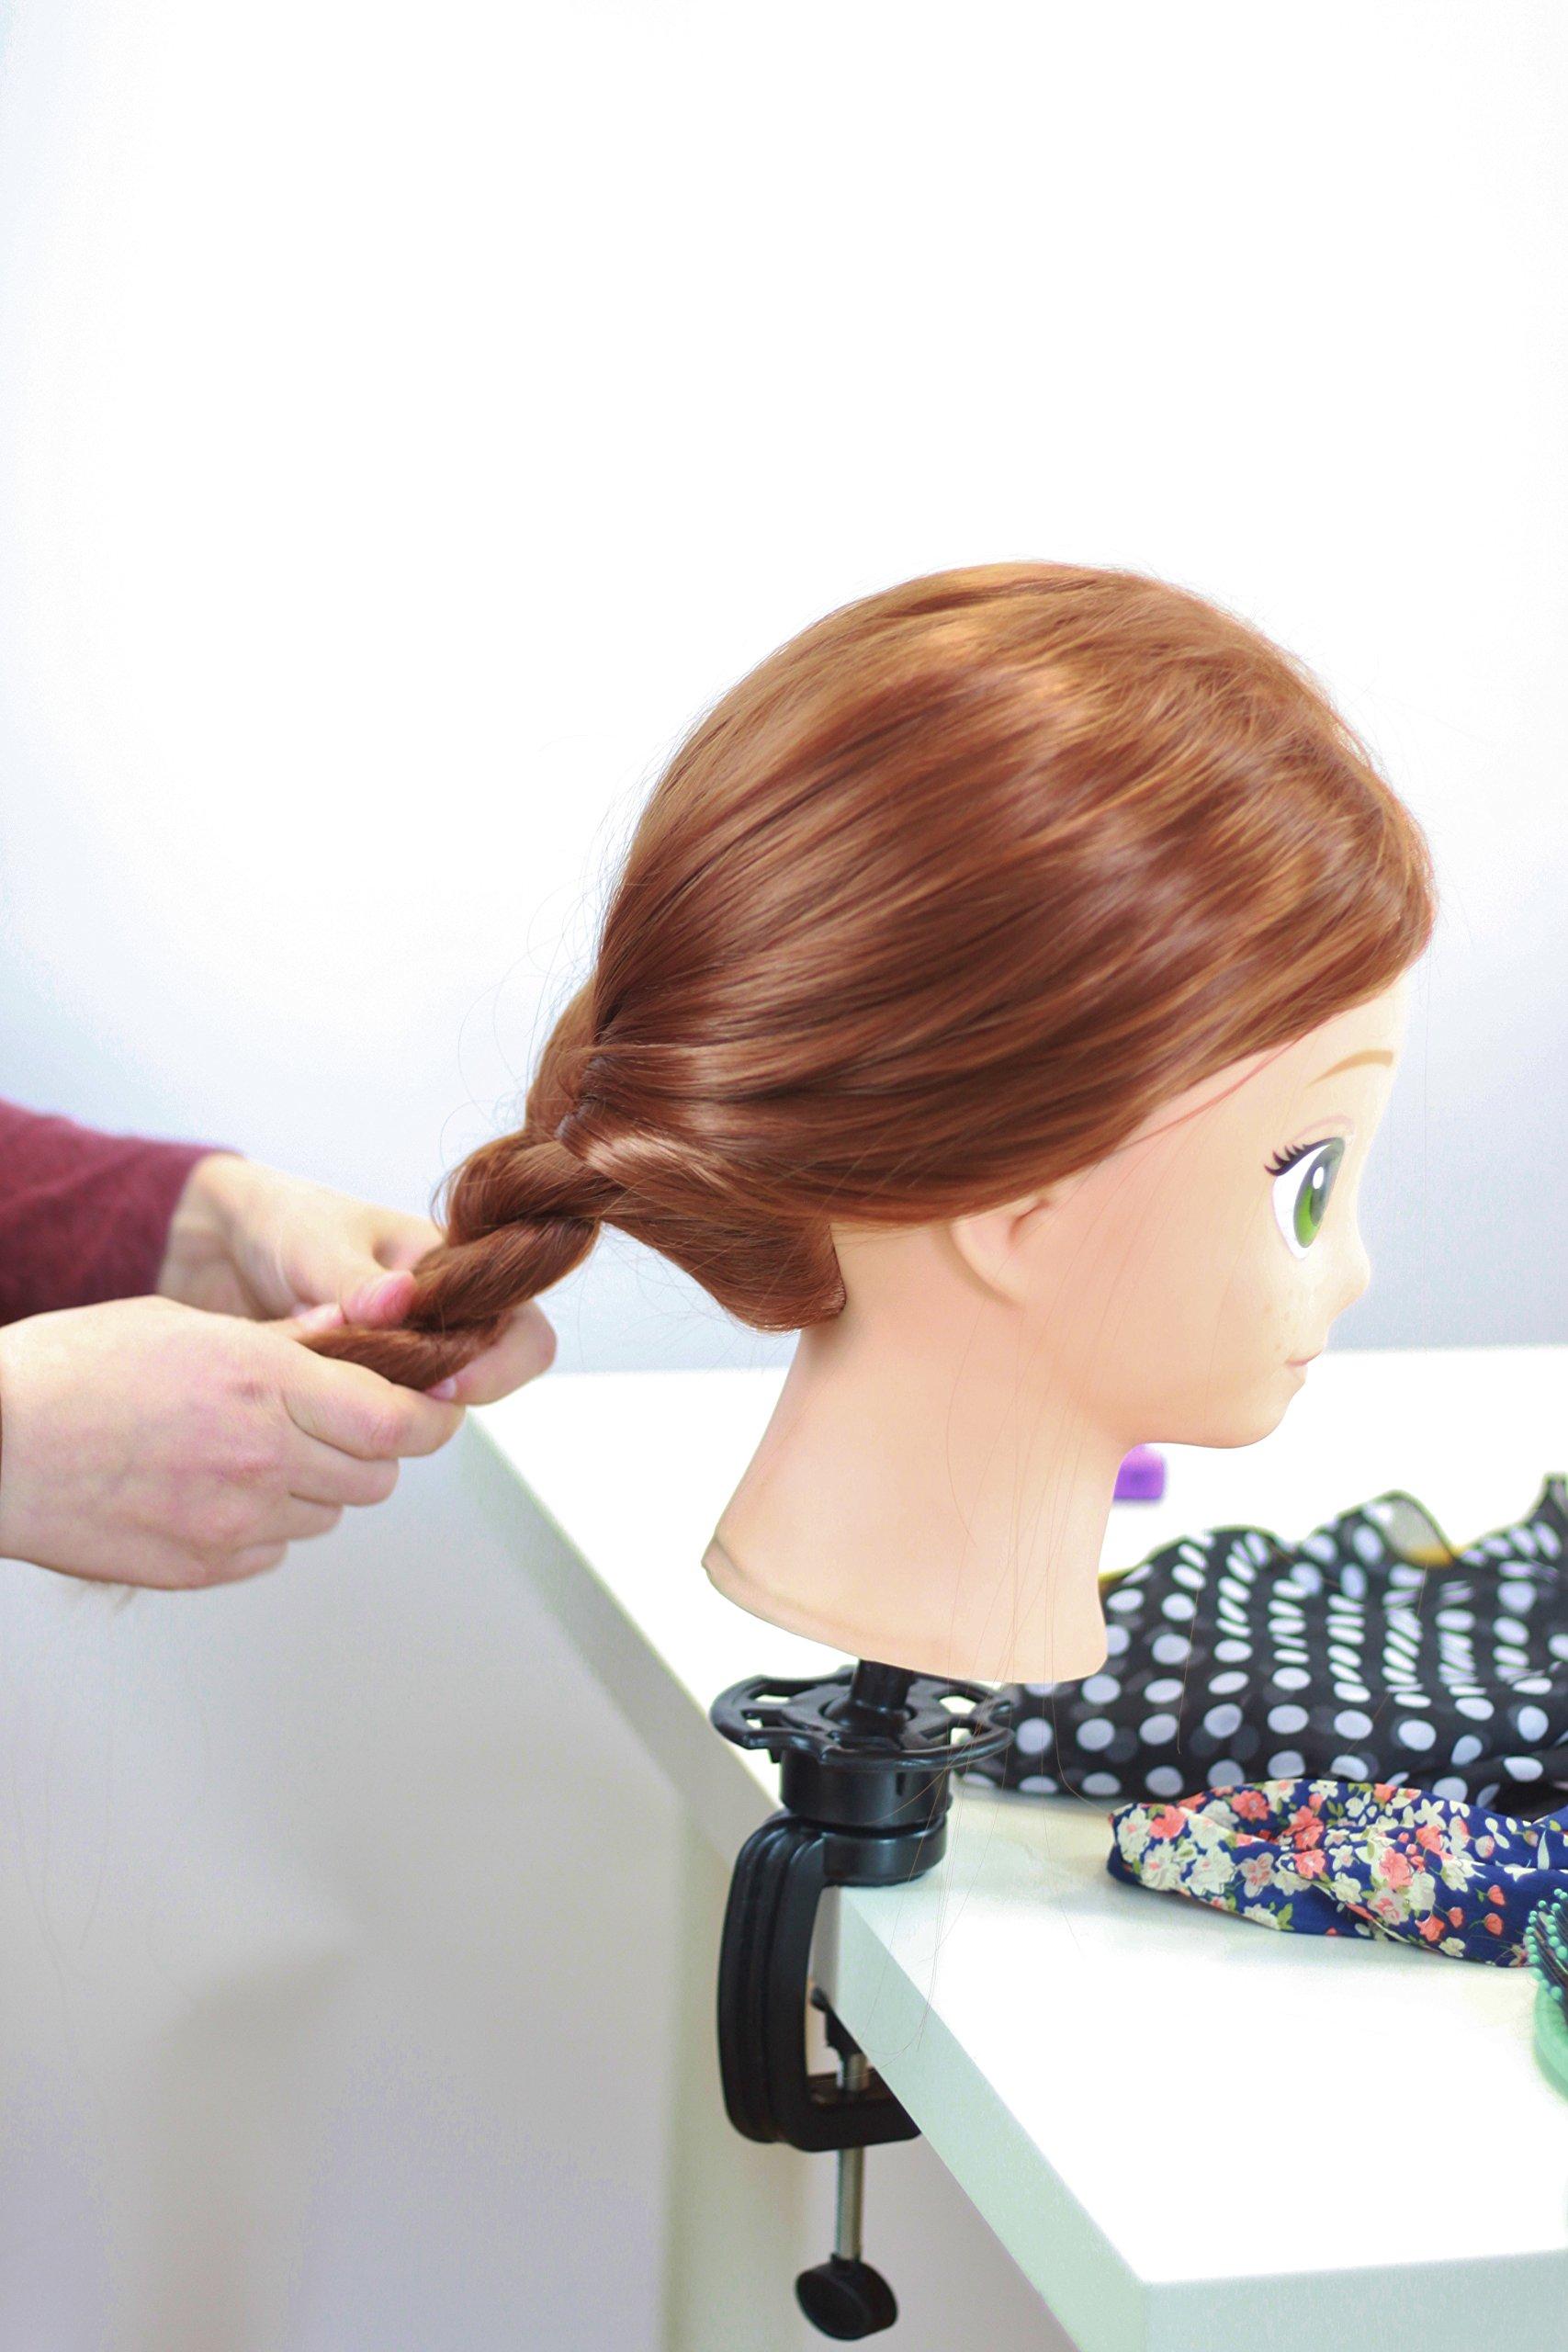 BUKI FRANCE 5401 - Professional Studio Hair by BUKI FRANCE (Image #12)